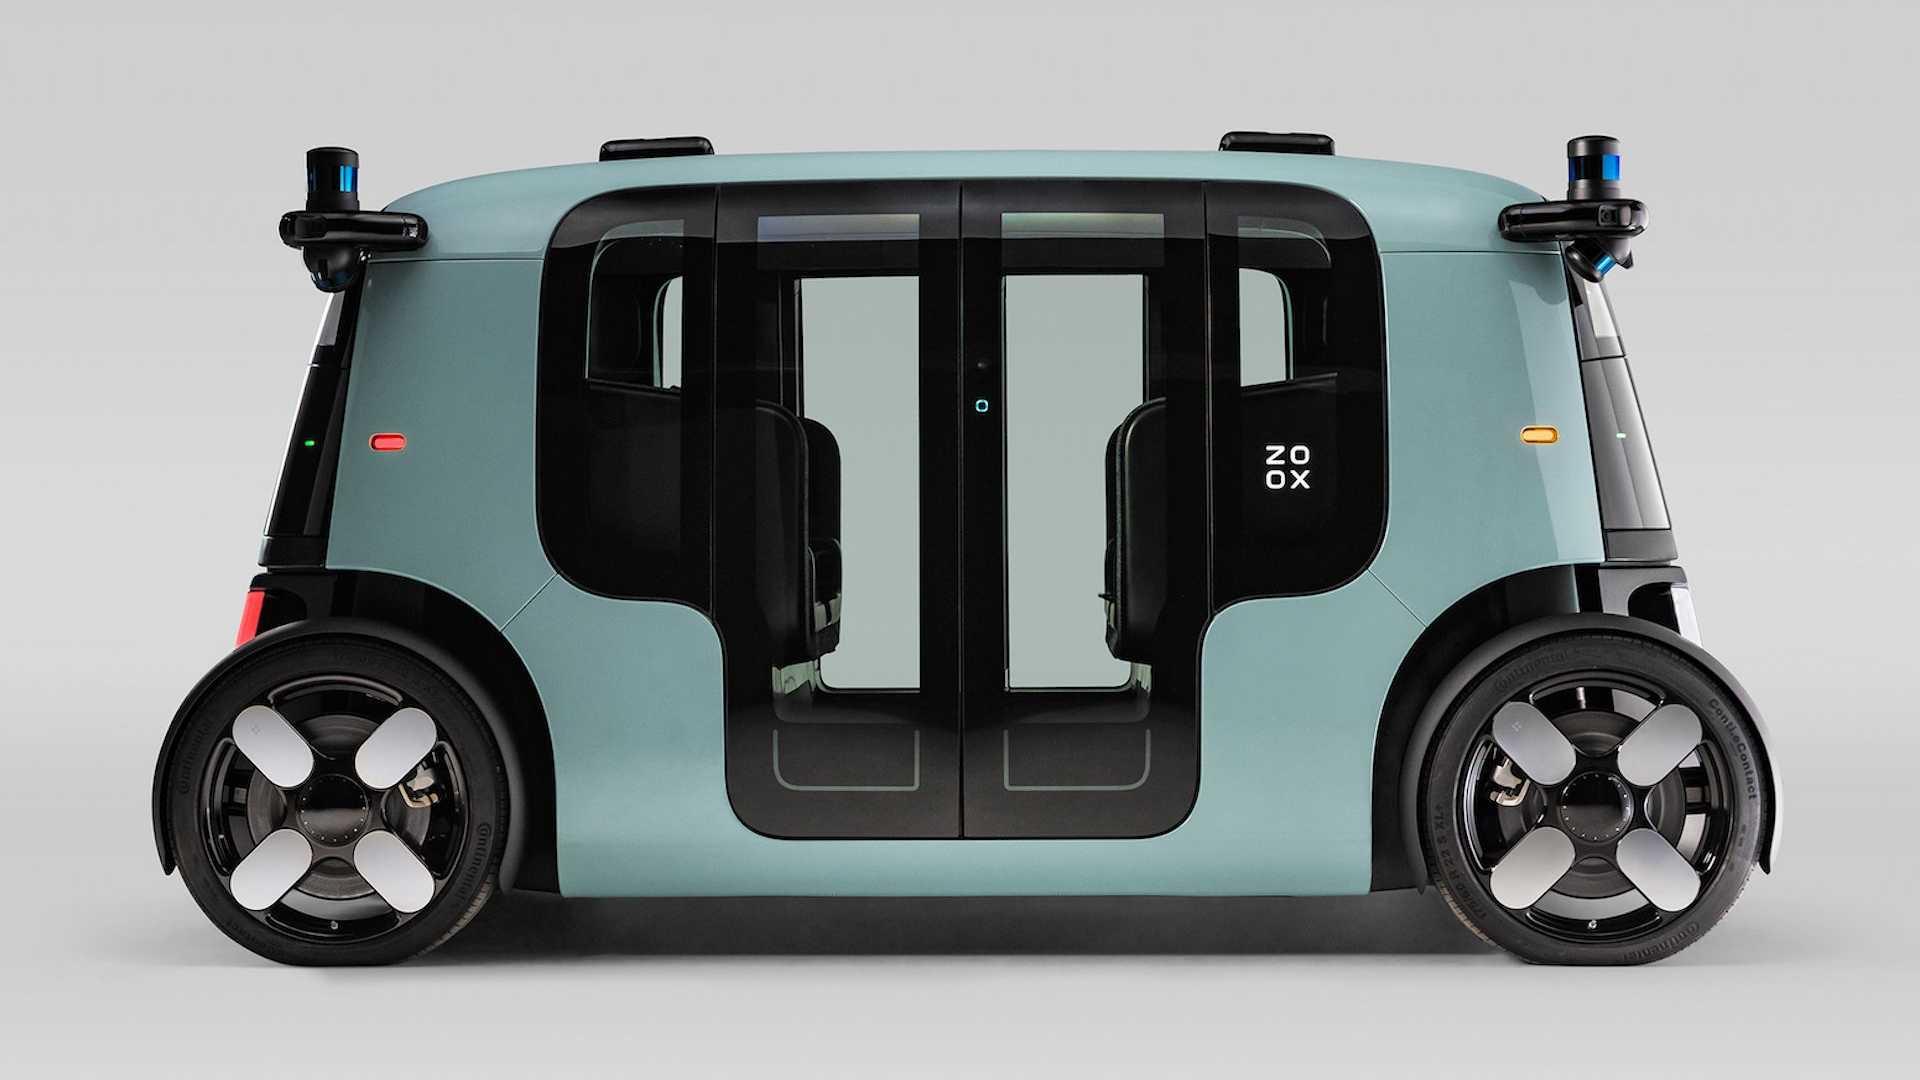 زوکس؛ تاکسی هوشمند فوق ایمن با قویترین ذخیره باتری (+عکس)